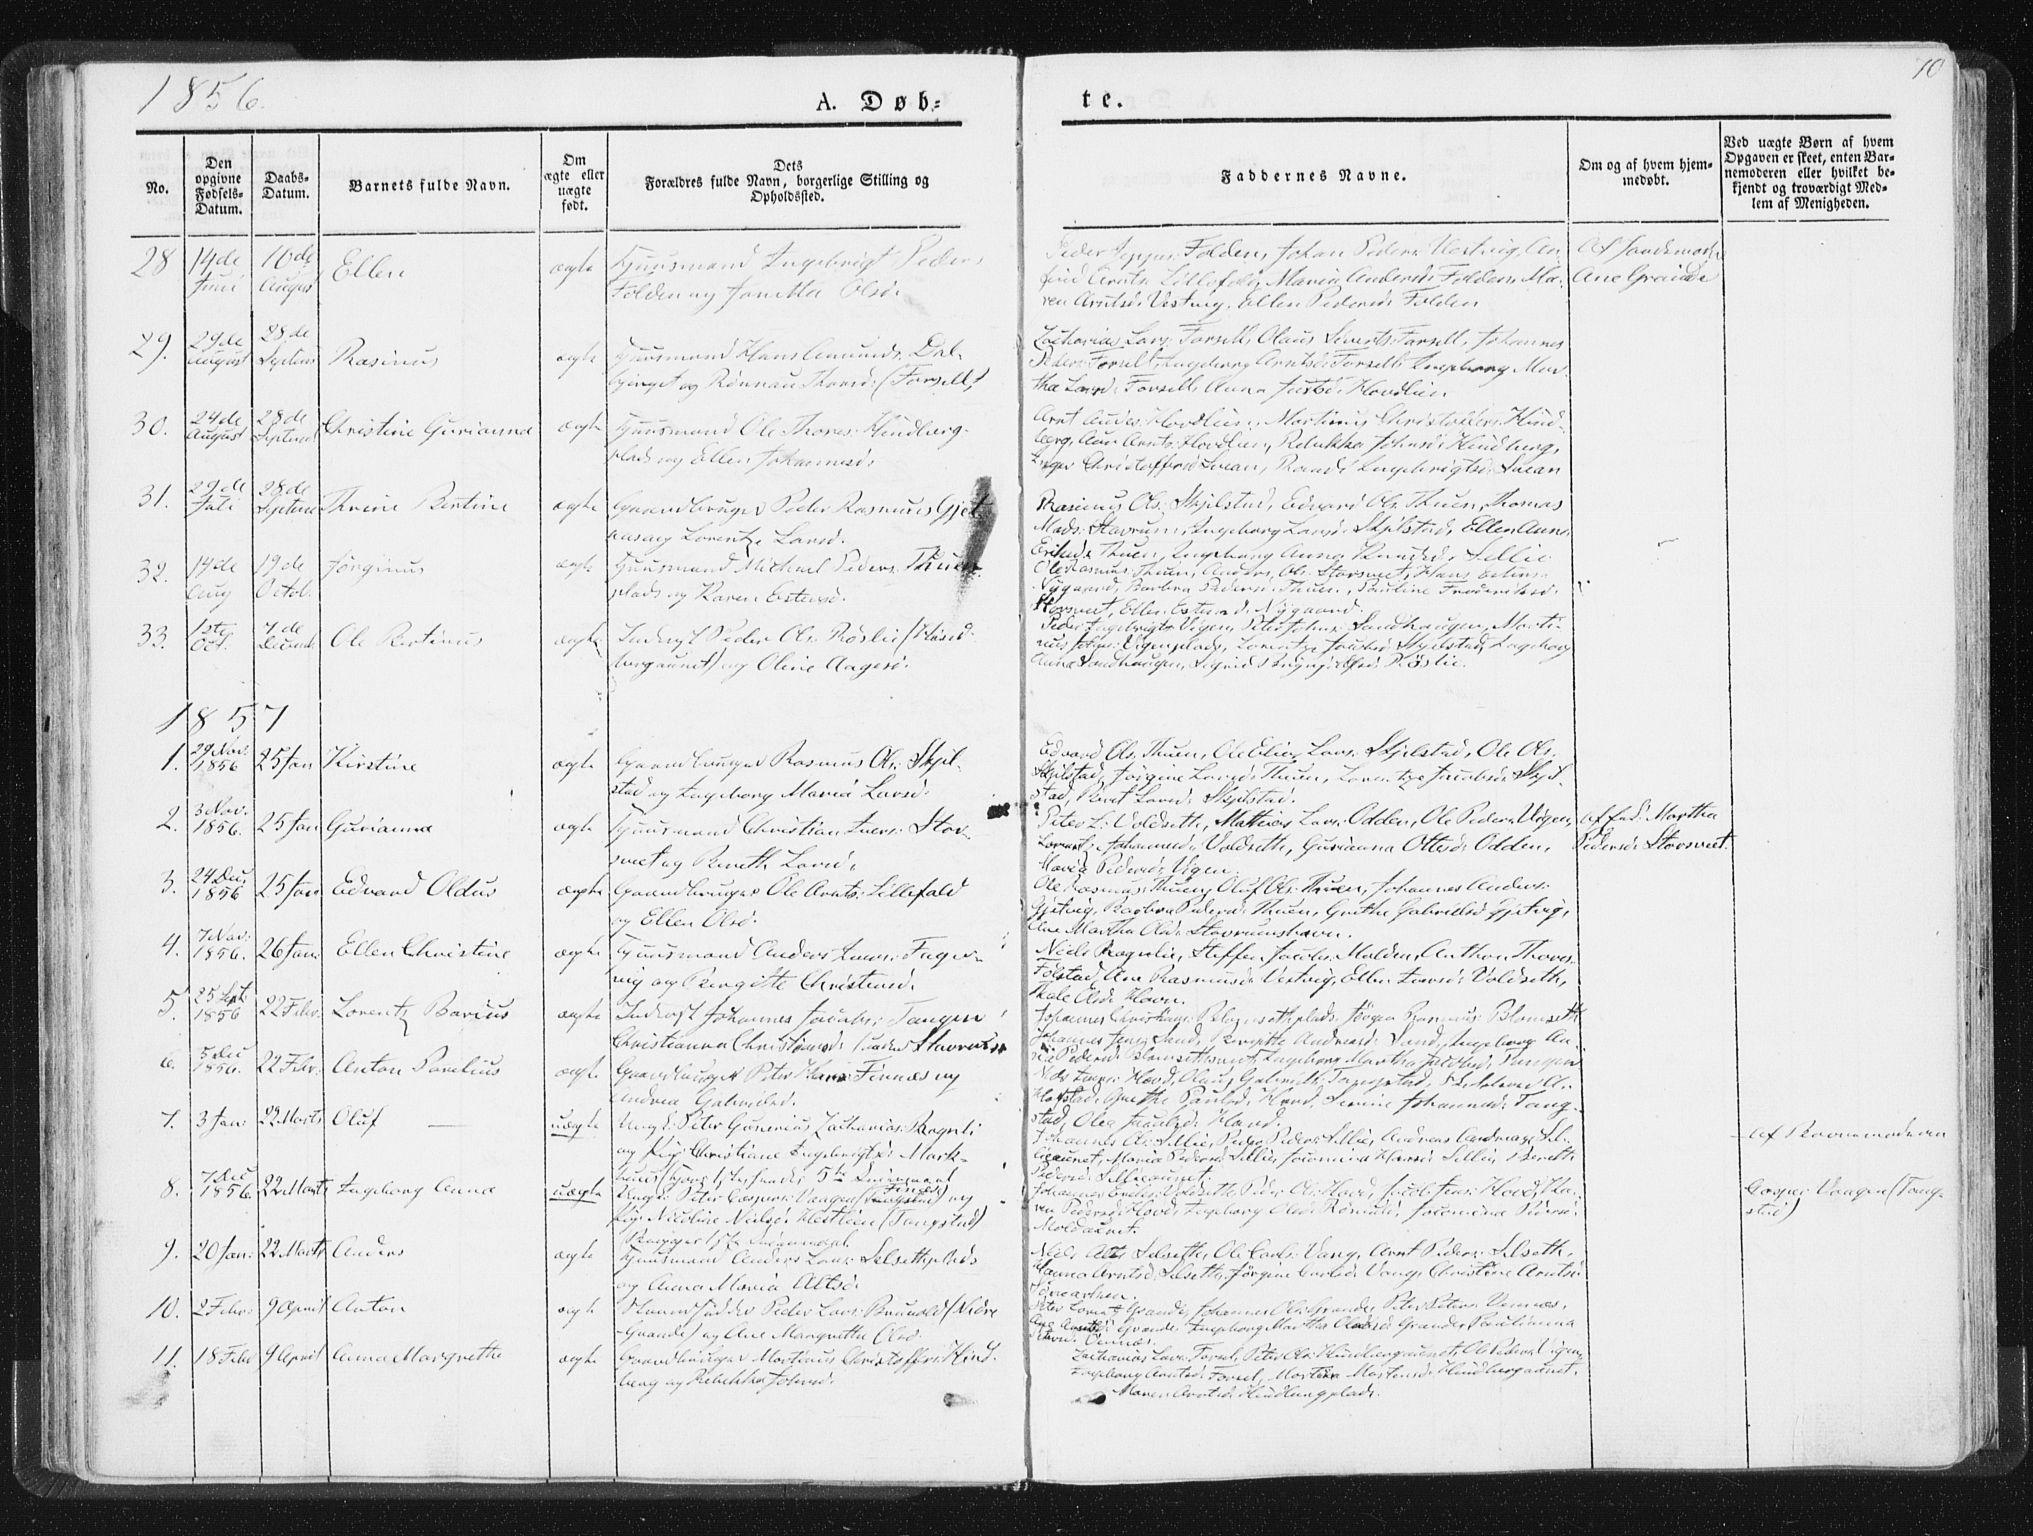 SAT, Ministerialprotokoller, klokkerbøker og fødselsregistre - Nord-Trøndelag, 744/L0418: Ministerialbok nr. 744A02, 1843-1866, s. 70